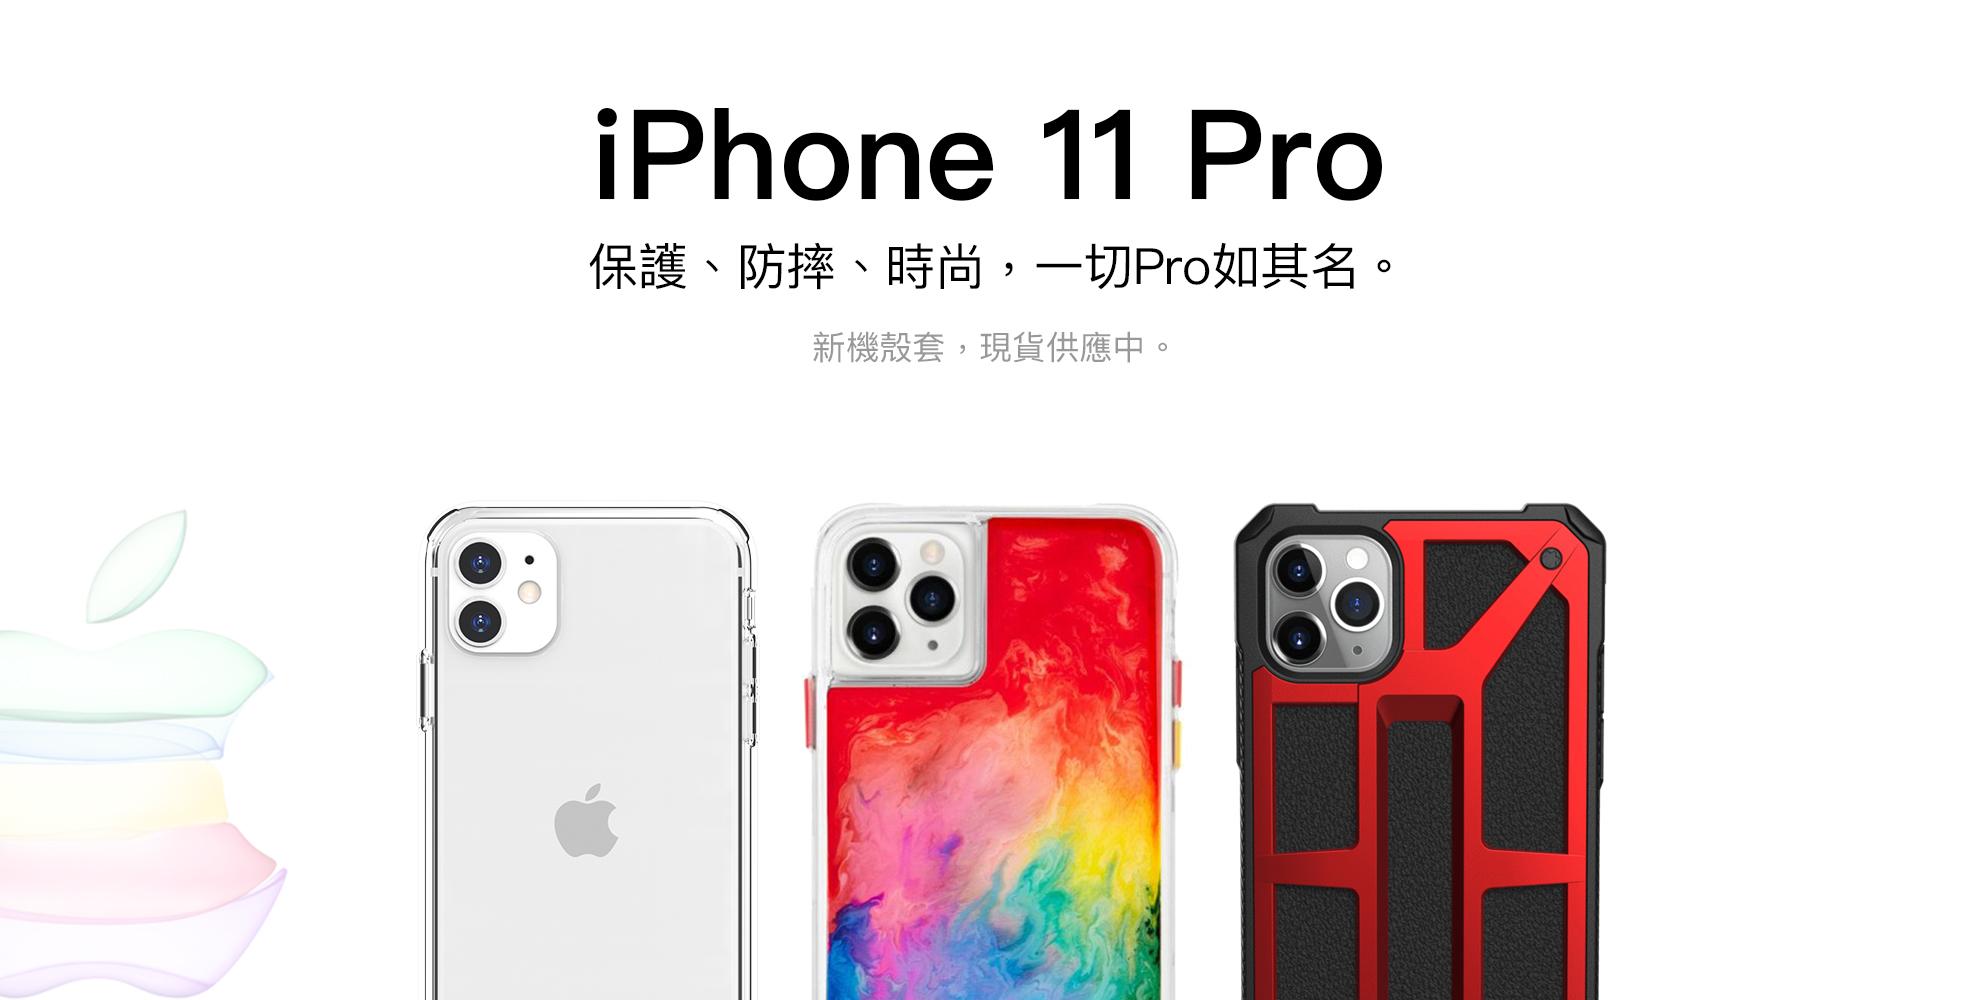 創意包膜坊 iPhone11 Pro Apple 新手機 新殼上市